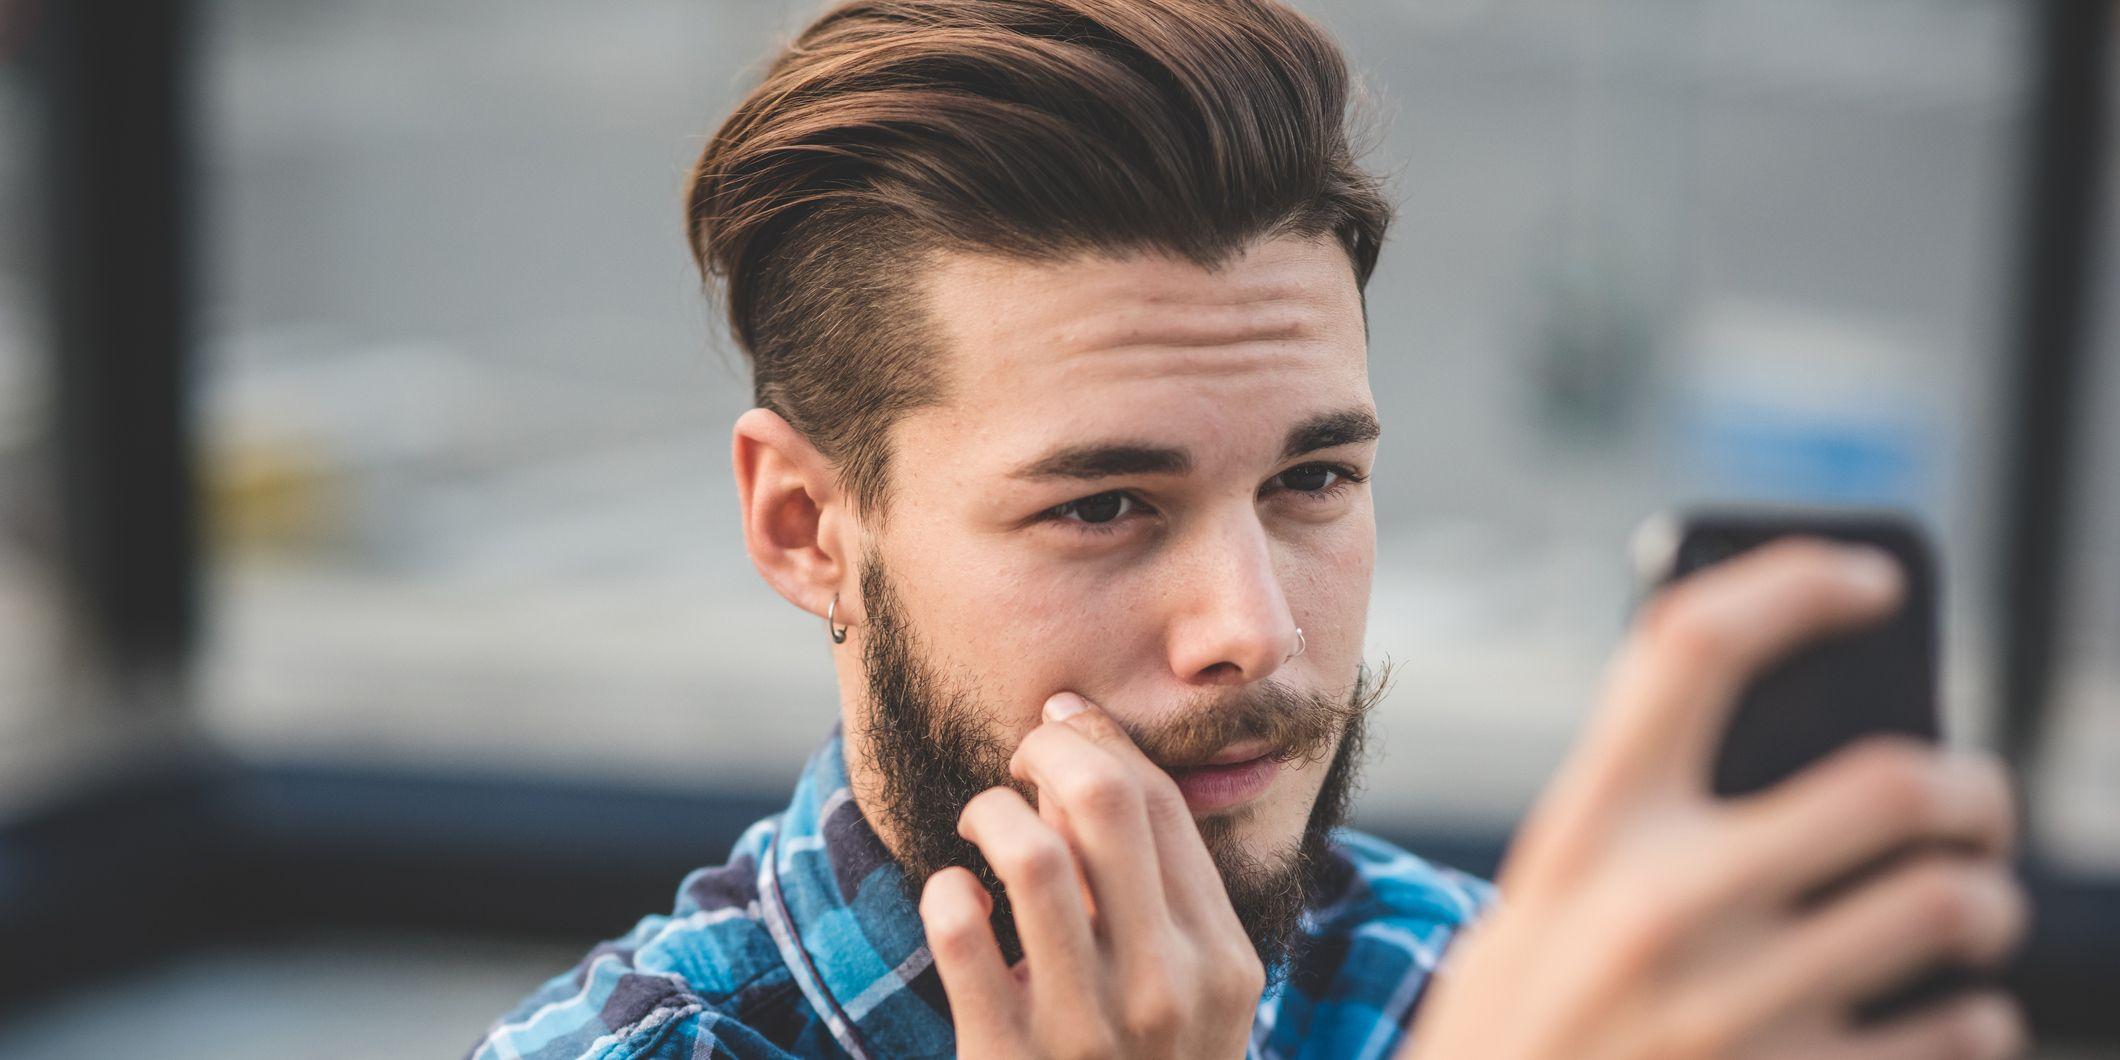 Un ragazzo si specchia con lo smartphone come un narcisista